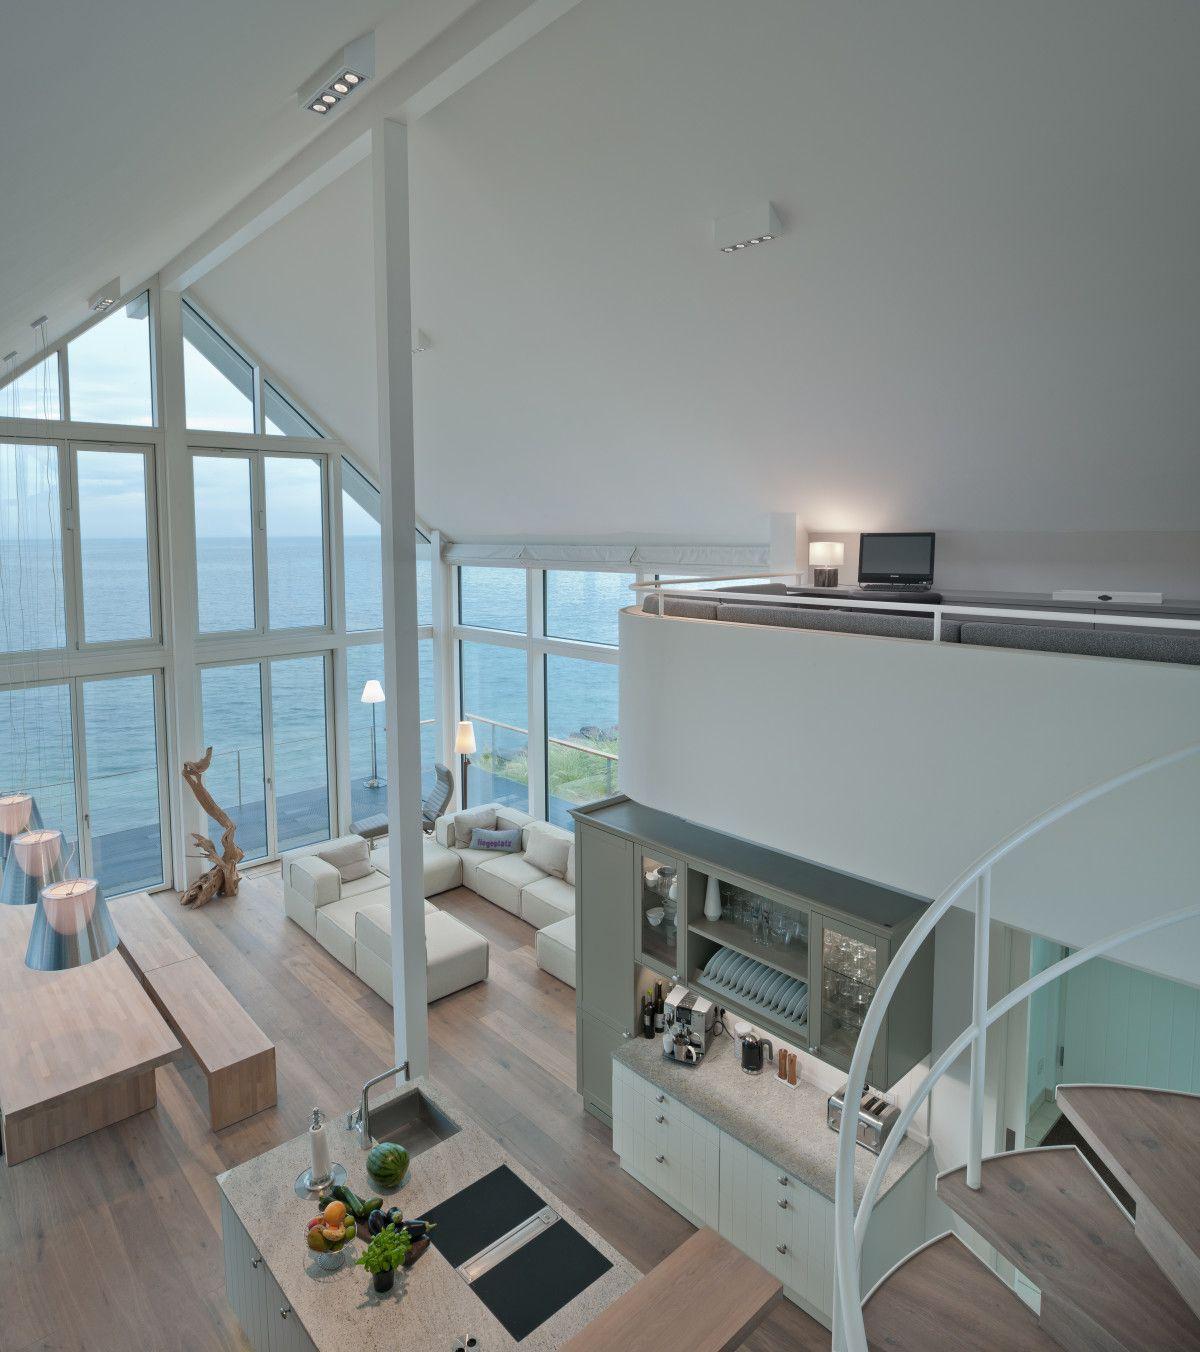 Hervorragend Wohnzimmer Loft Mit Galerie   Innenarchitektur Designhaus Mommsen Von  Baufritz   HausbauDirekt.de